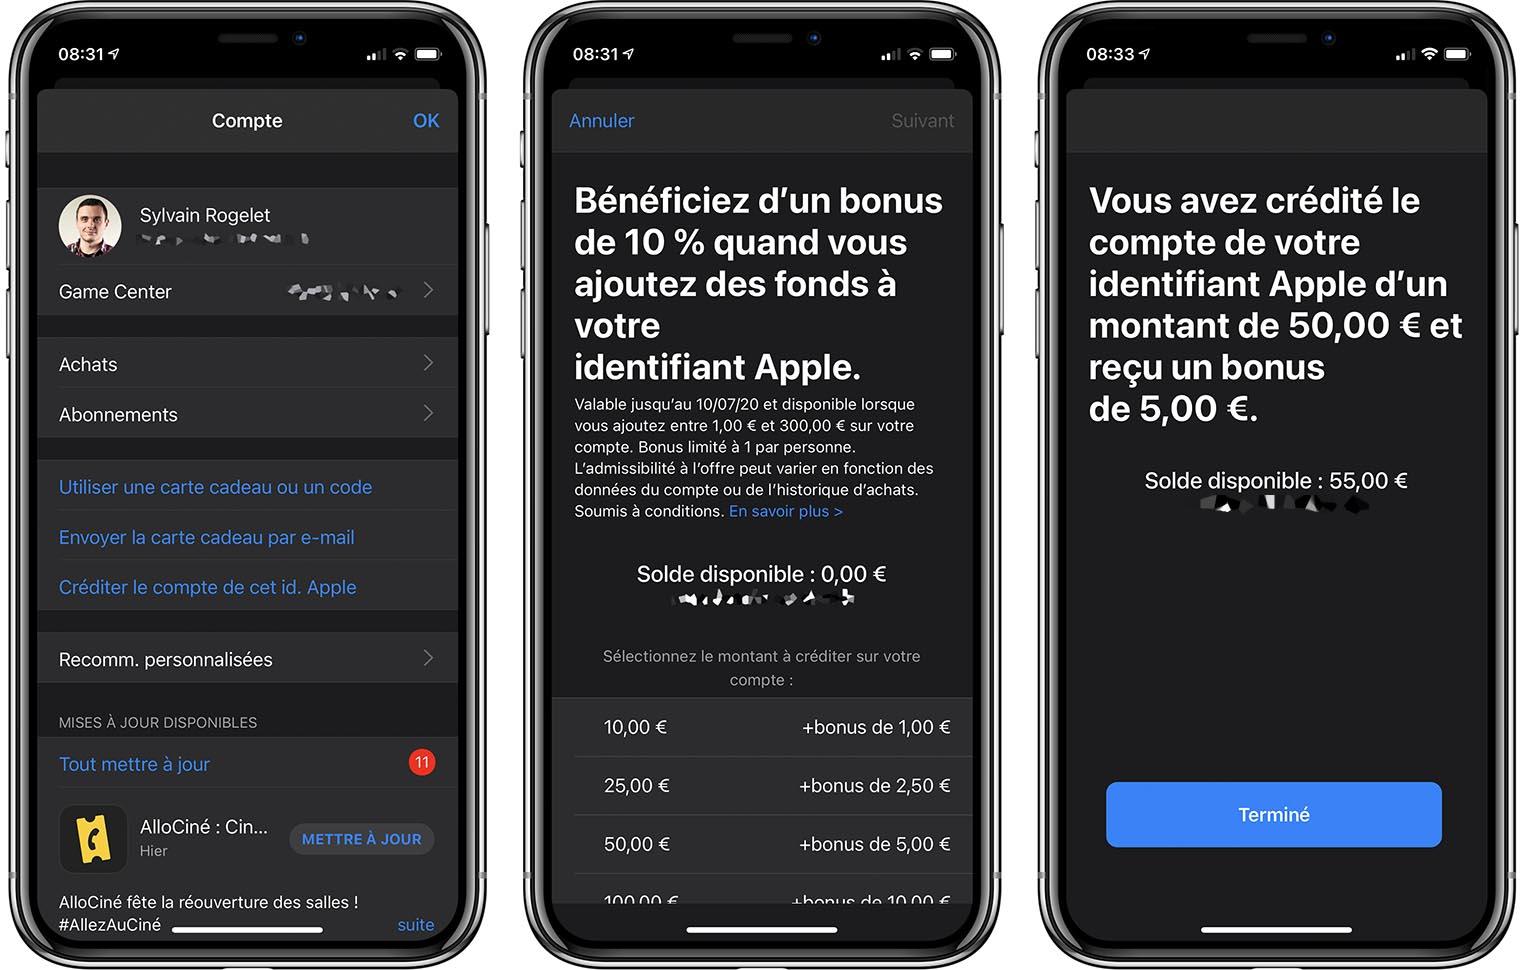 Bonus recharge Apple ID